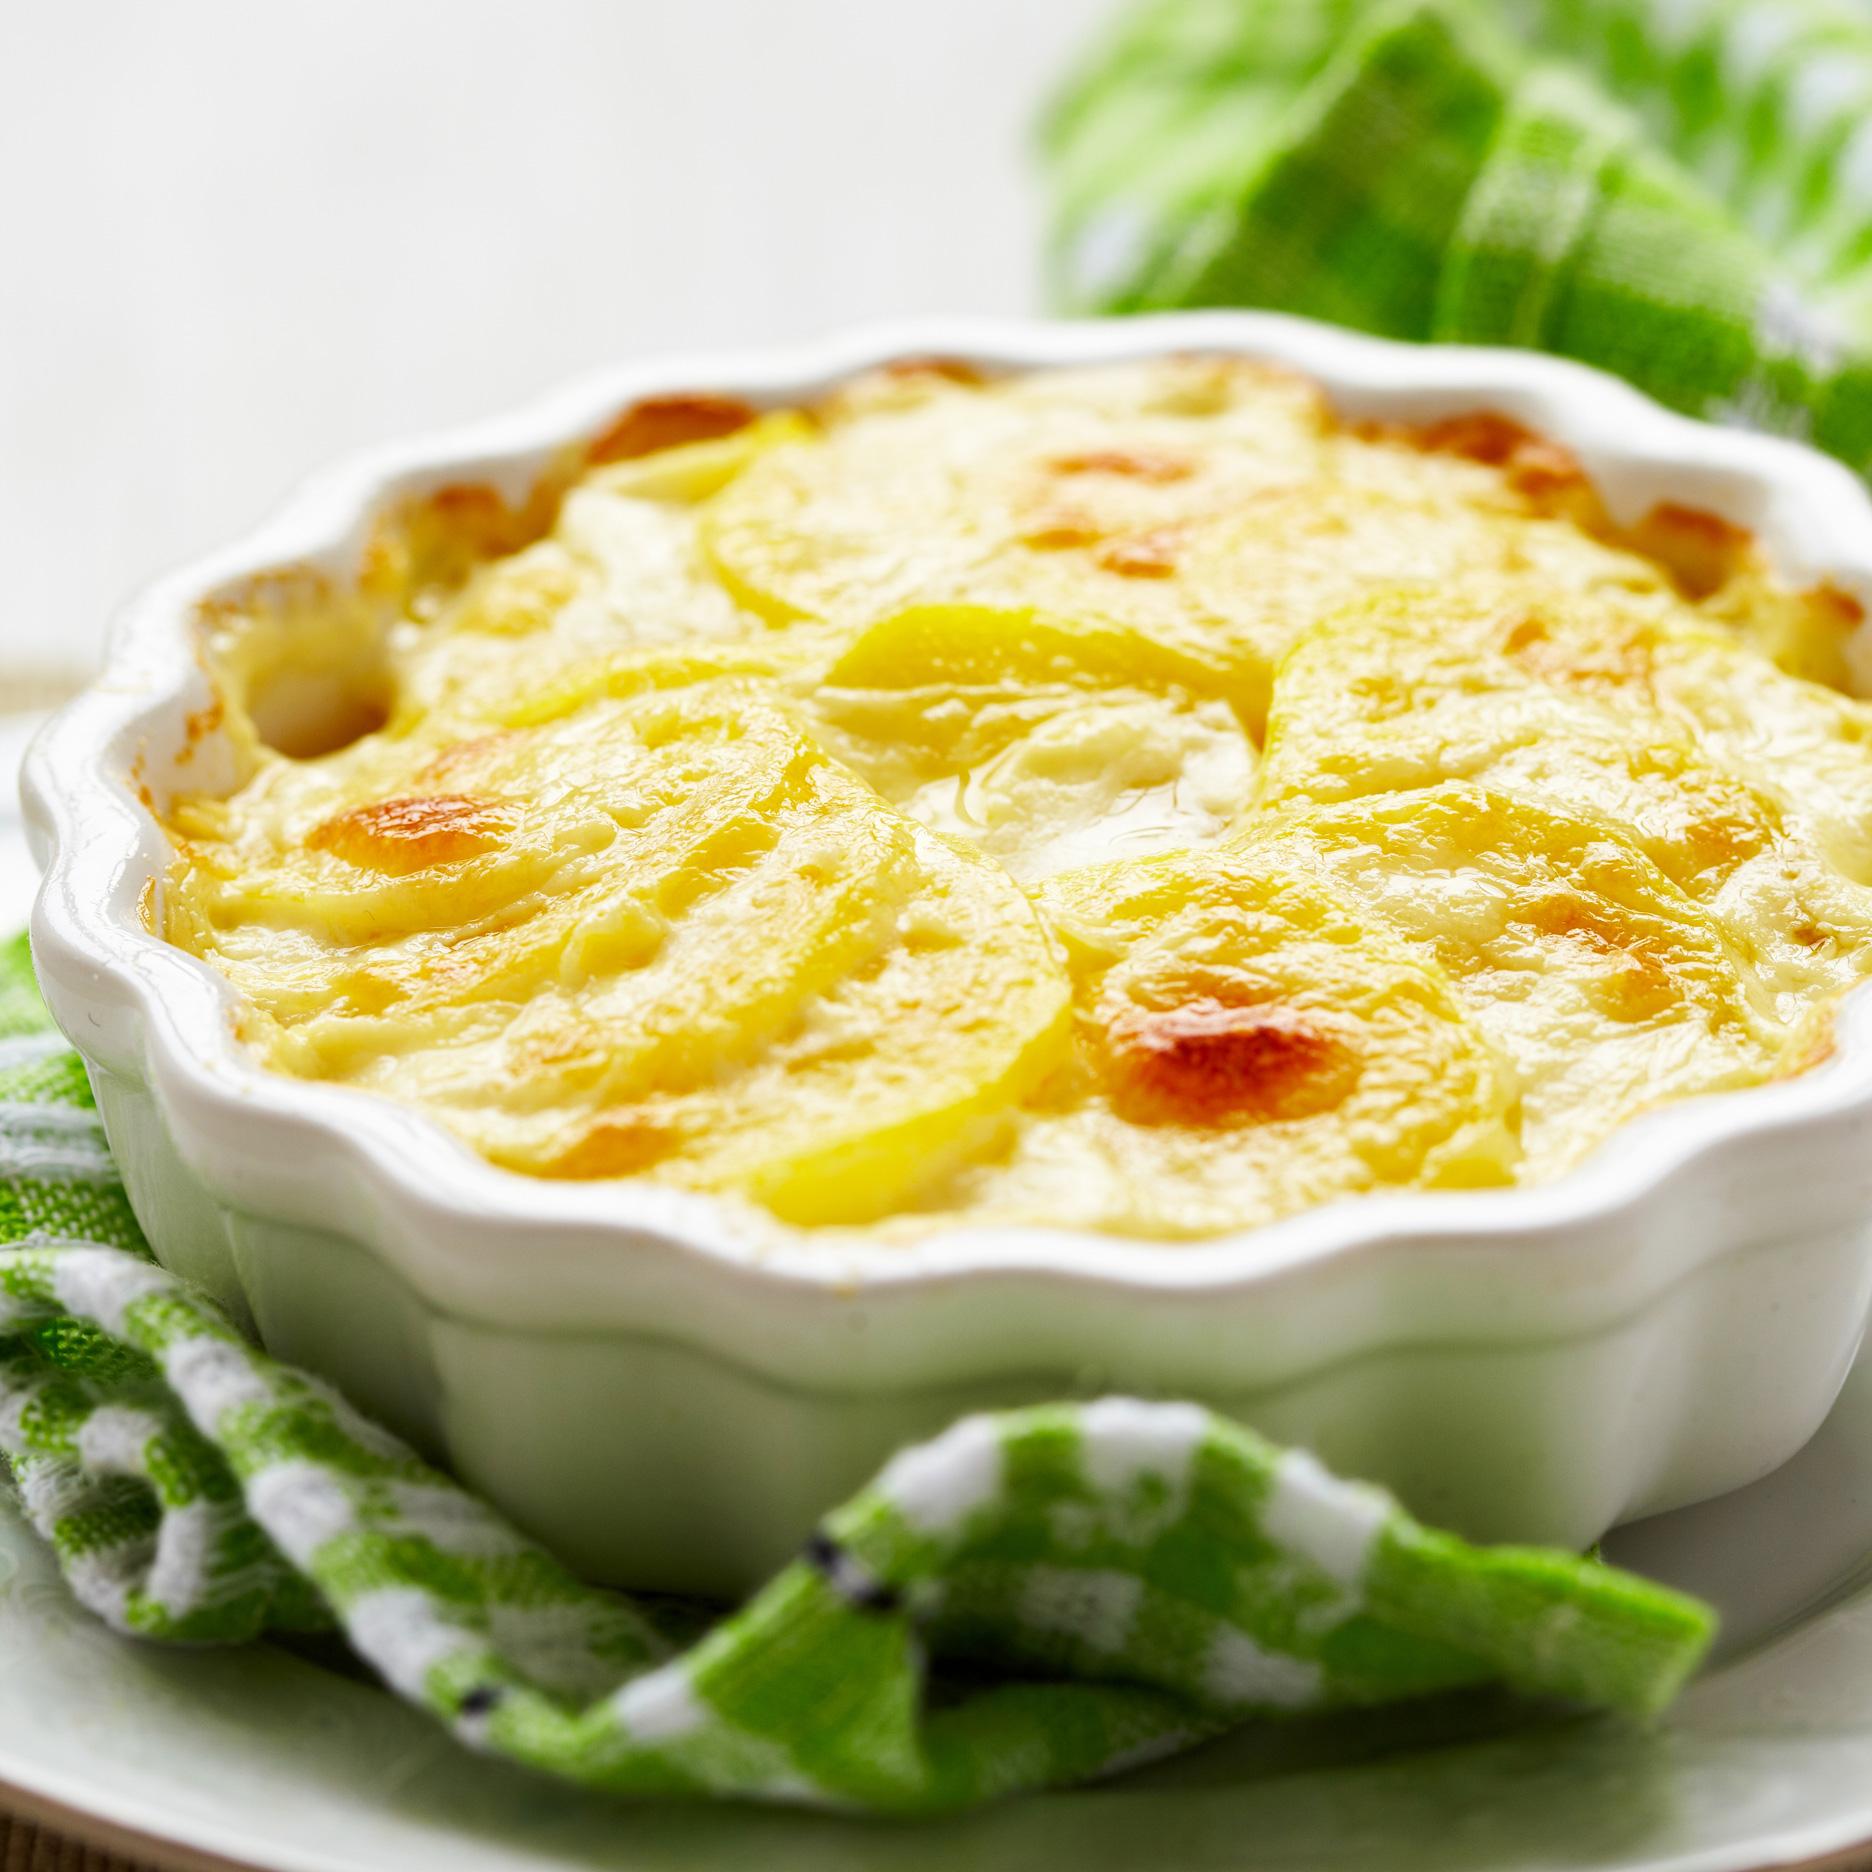 Ziemniaki i ser to genialne połączenie. Nic nie stoi na przeszkodzie, aby wymieszać krowi i kozi ser, i zatopić je w ziemniaczkach.